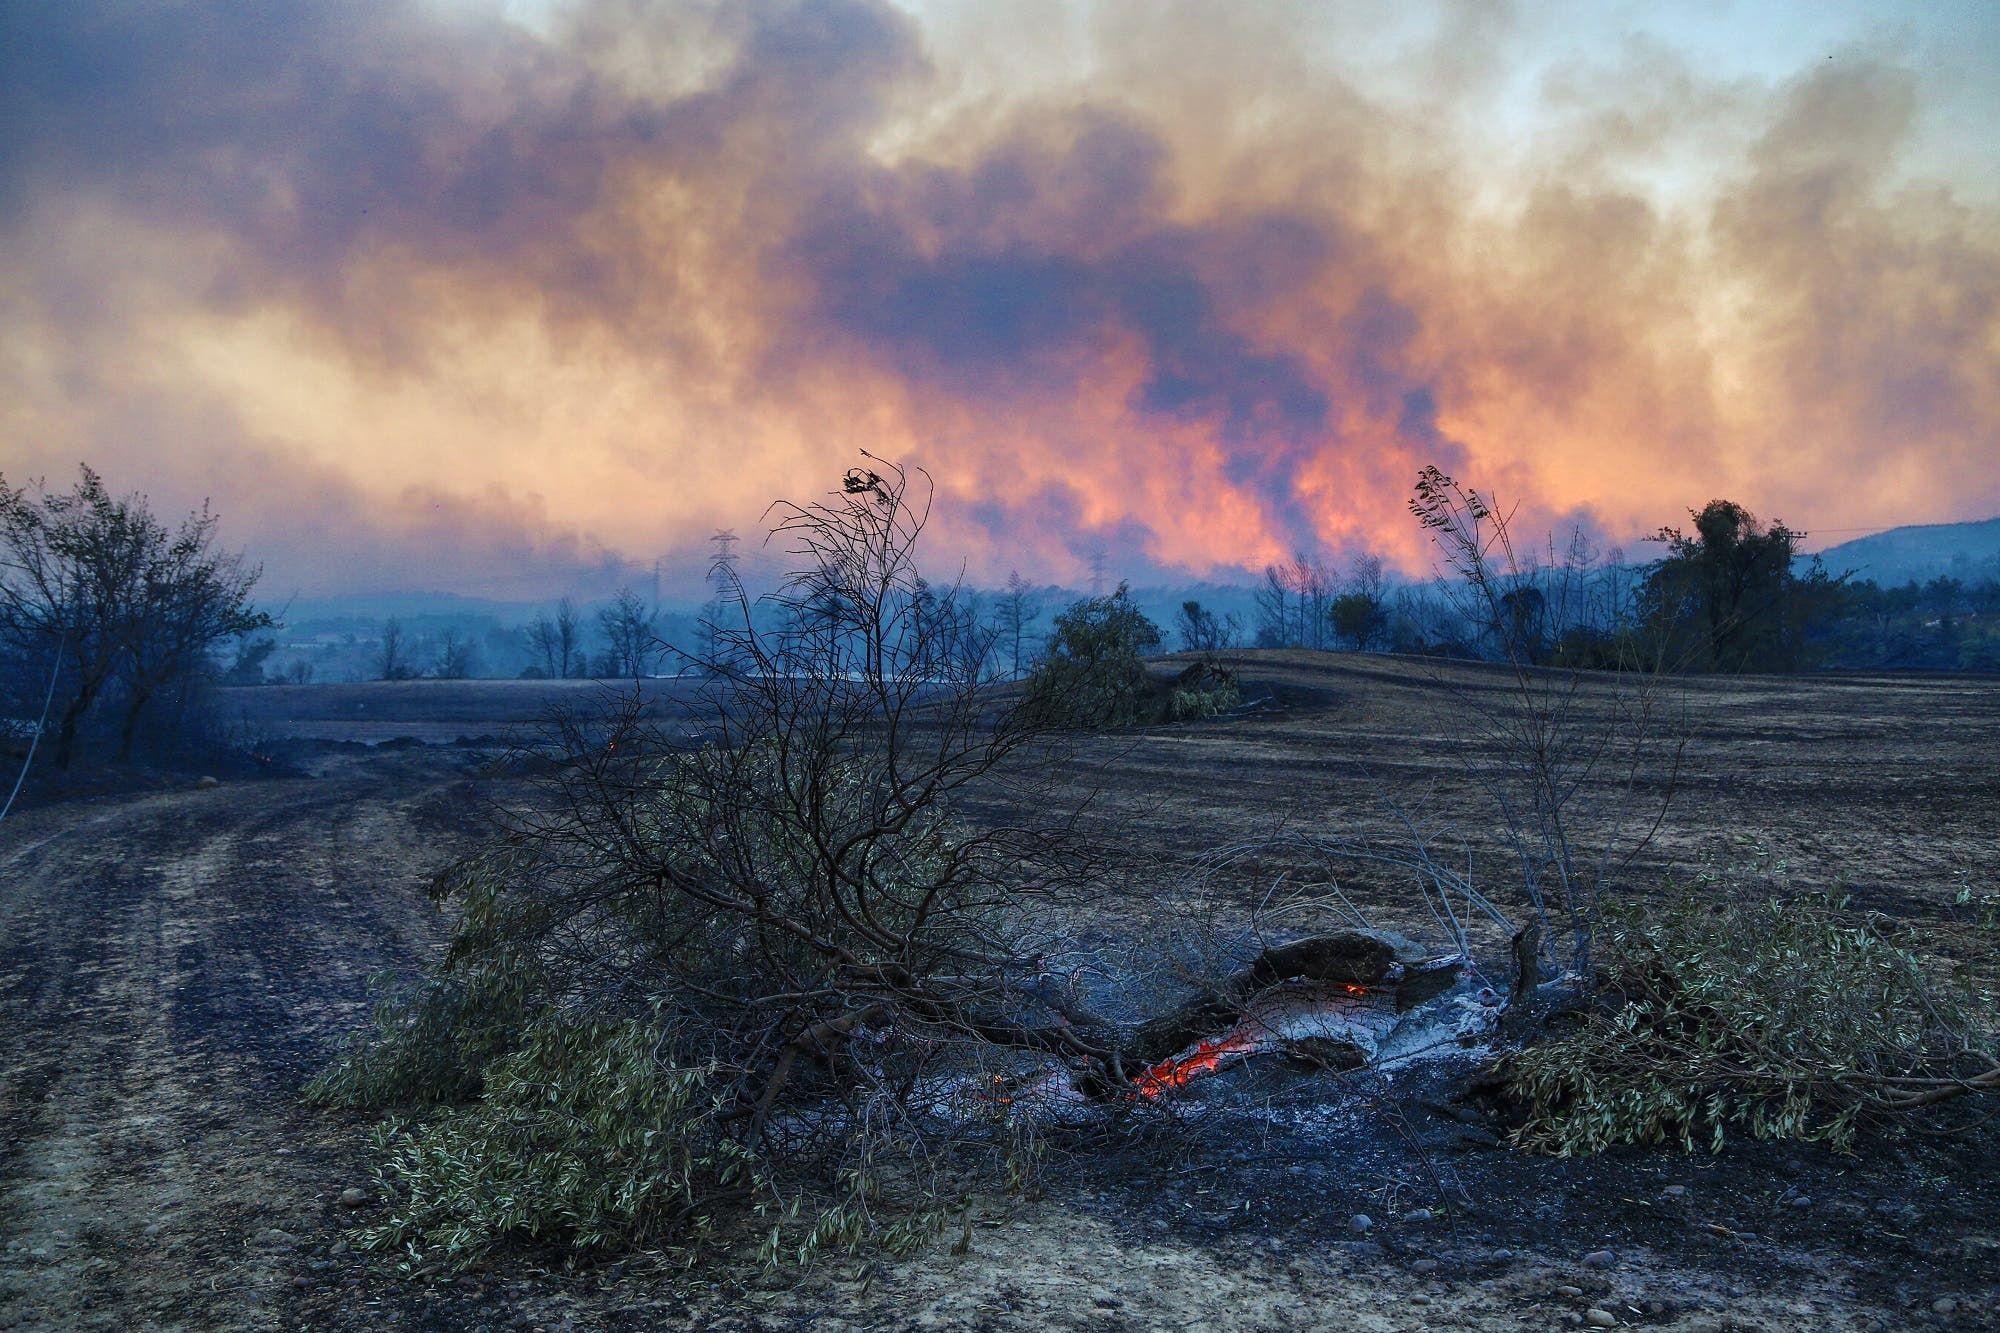 دخان يتصاعد عقب حريق في غابة بالقرب من بلدة مانافجات التركية (أرشيفية من رويترز)